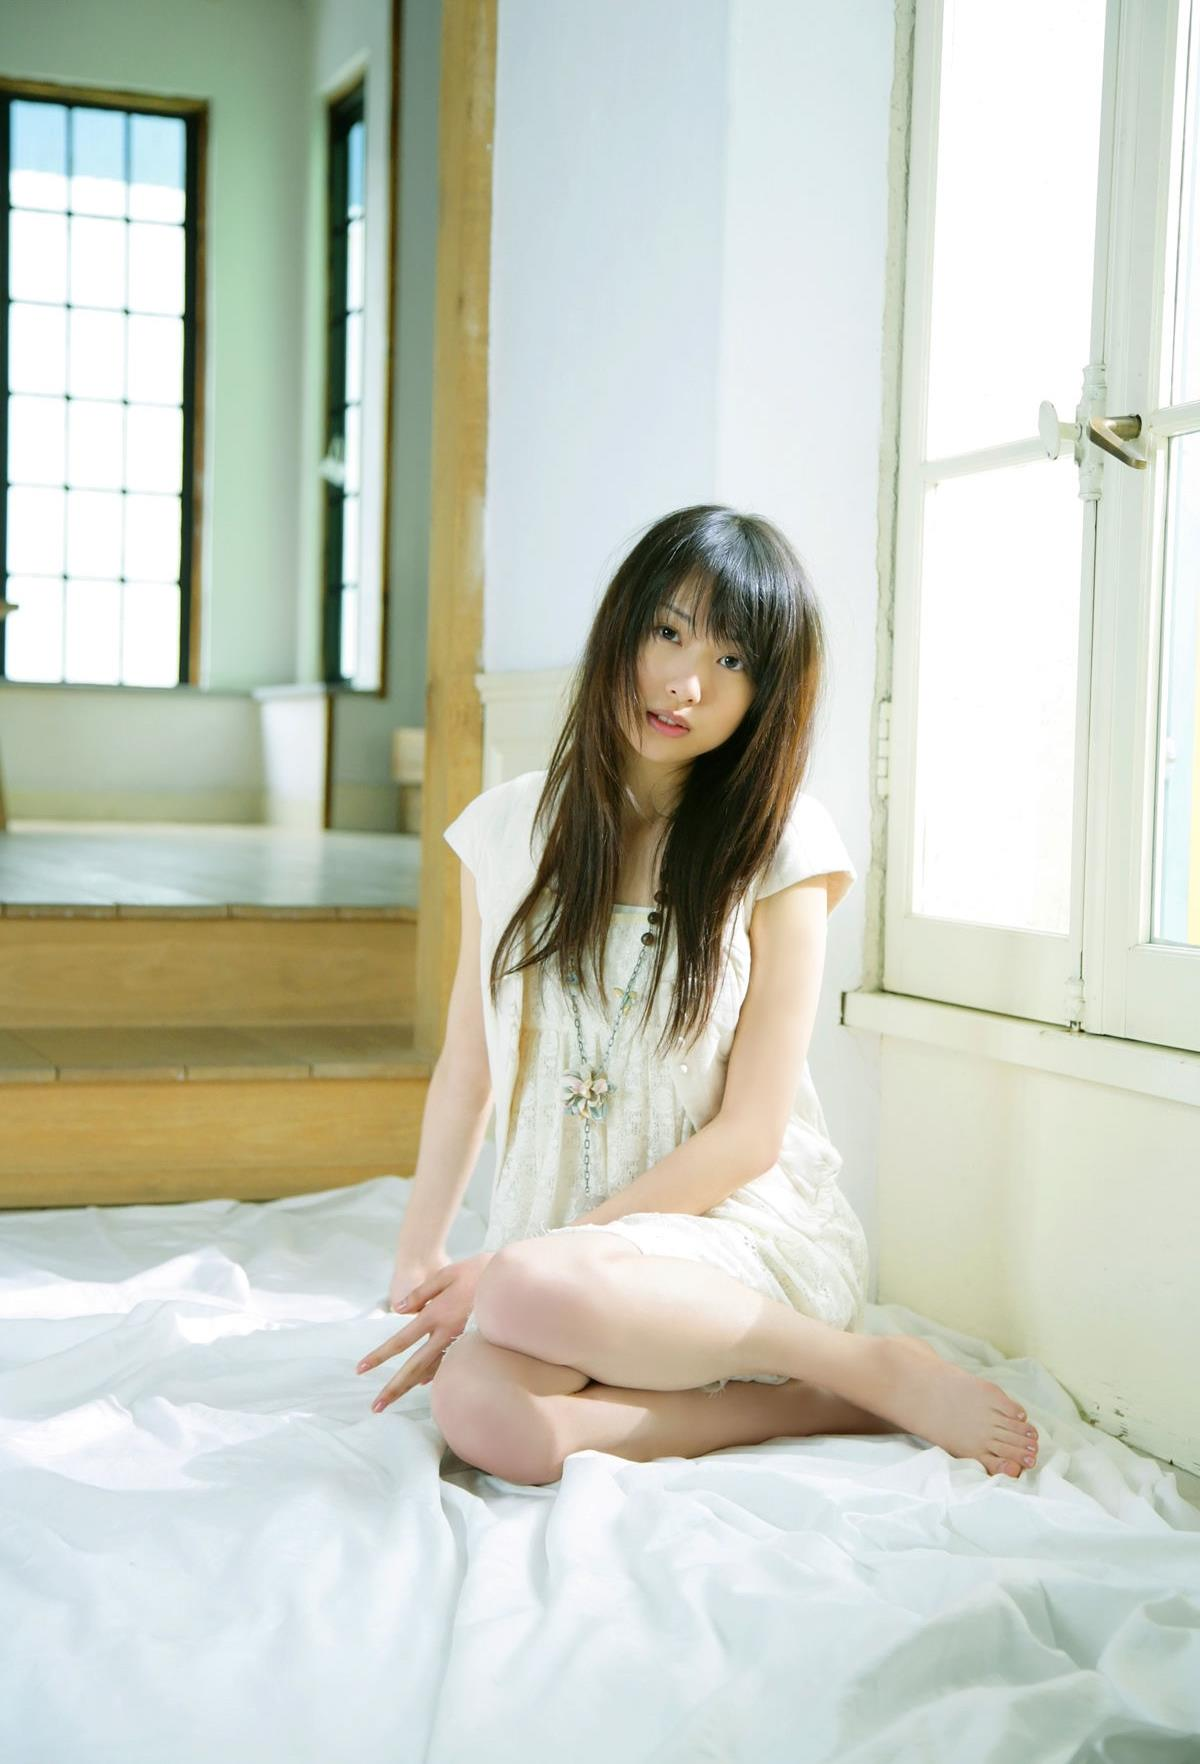 戸田恵梨香 エロ画像 55